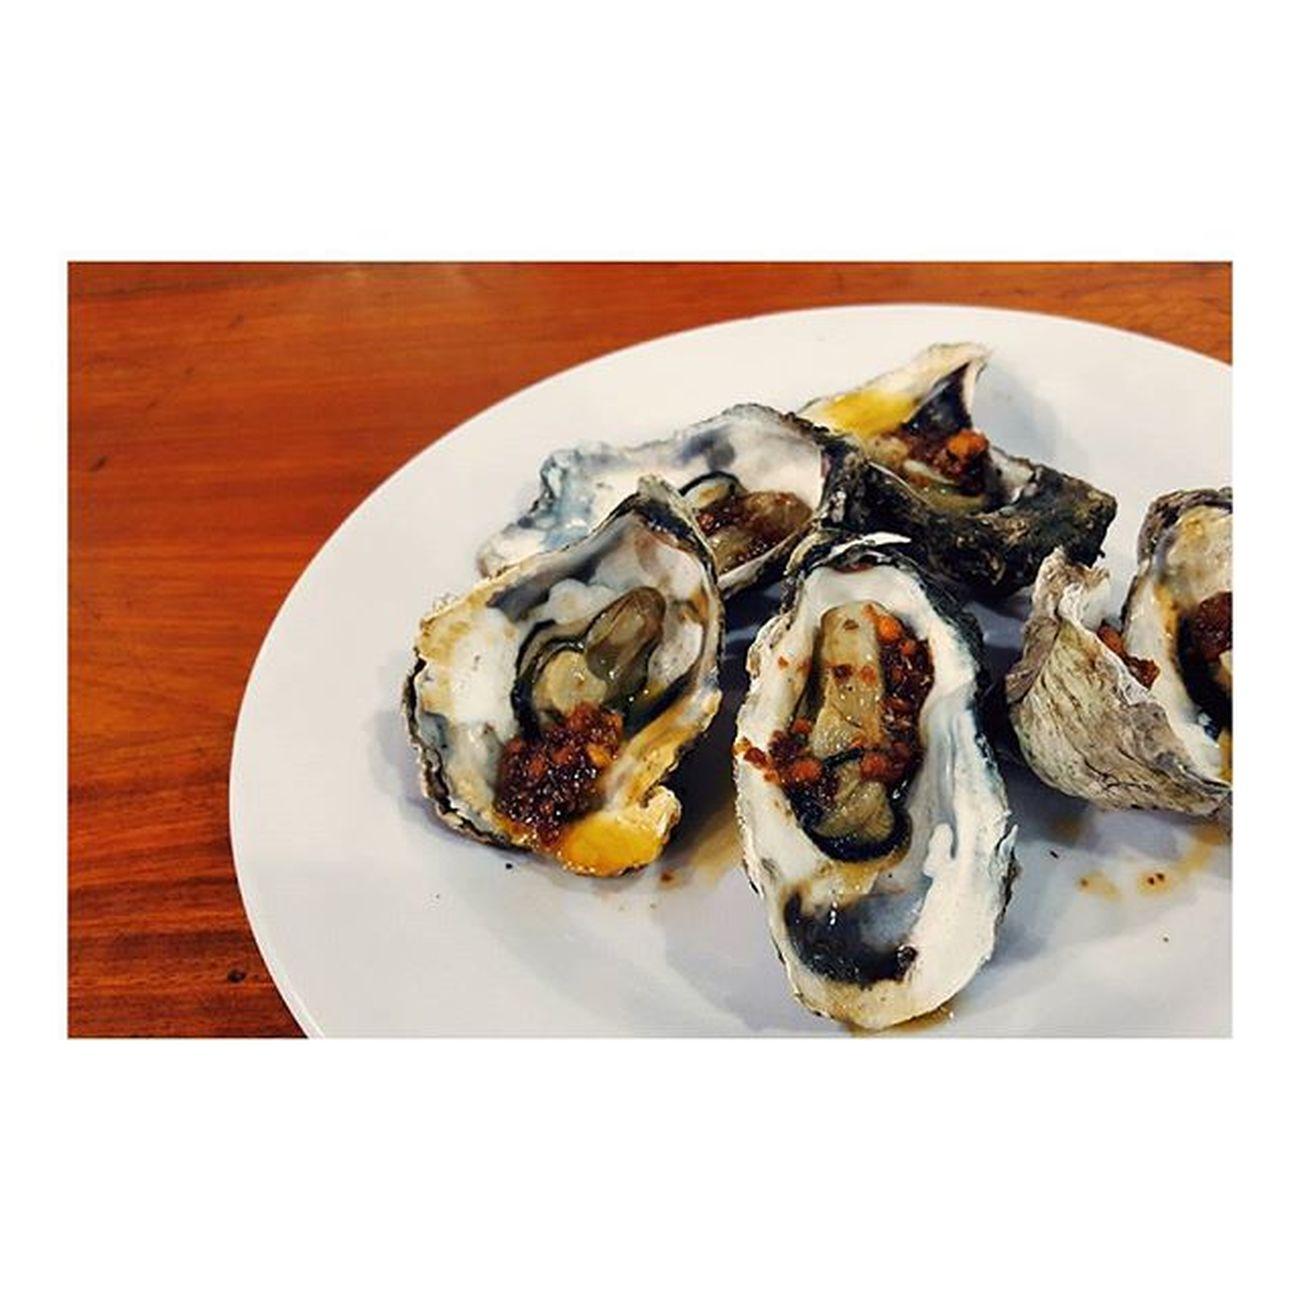 美味しかった。美味しかったけど、身小さすぎ。笑えない ベトリナ 45000VND うーん そこそこやな 蘇る的矢牡蠣の思い出 あれは牡蠣界の神様 ニャチャン 一人旅 Hmmmm it was okay. About $2 for 7 little pieces. I really miss matoya oyster 😭😭 NhaTrang Vietnam Seafood